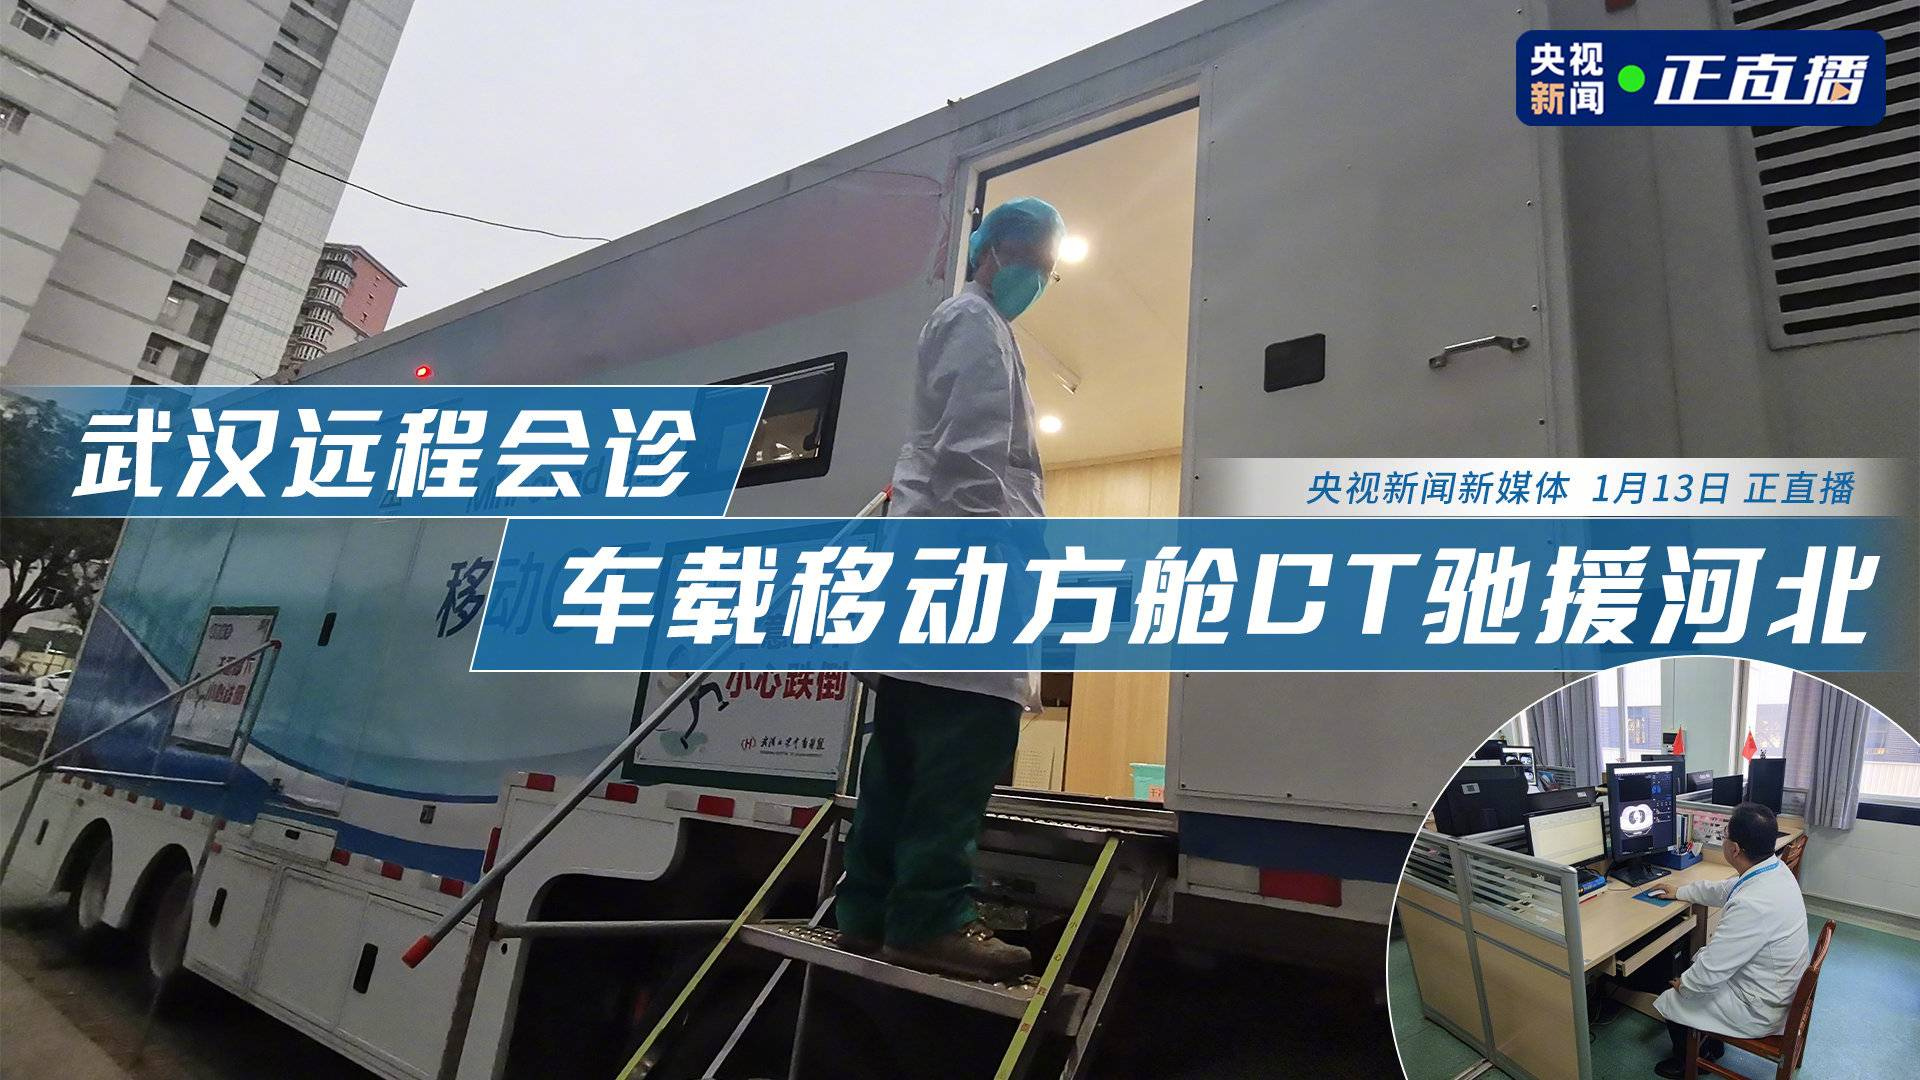 """""""医疗神器""""到货! #武汉驰援河北车载移动方舱CT投入工作#"""